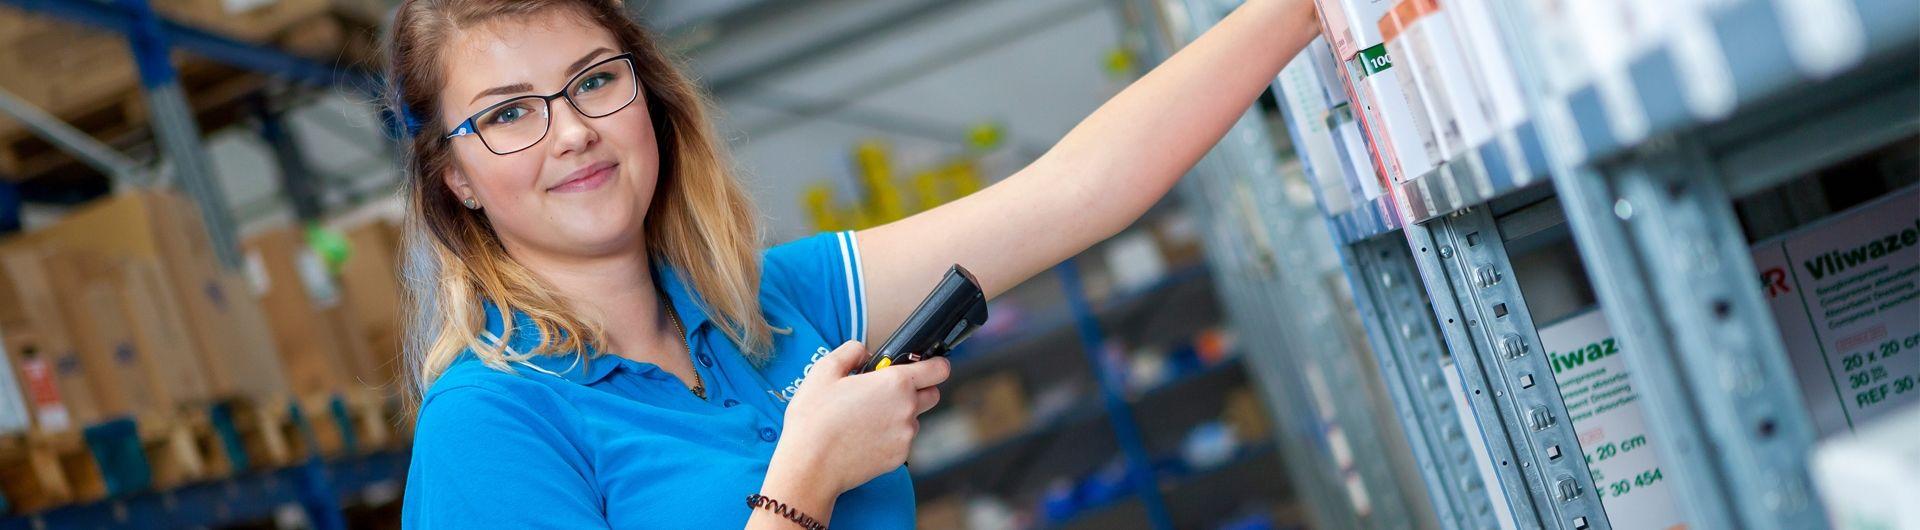 Duale Berufsausbildung mit Bestnoten: IHK Cottbus verzeichnet 1.336 neue Ausbildungsverträge